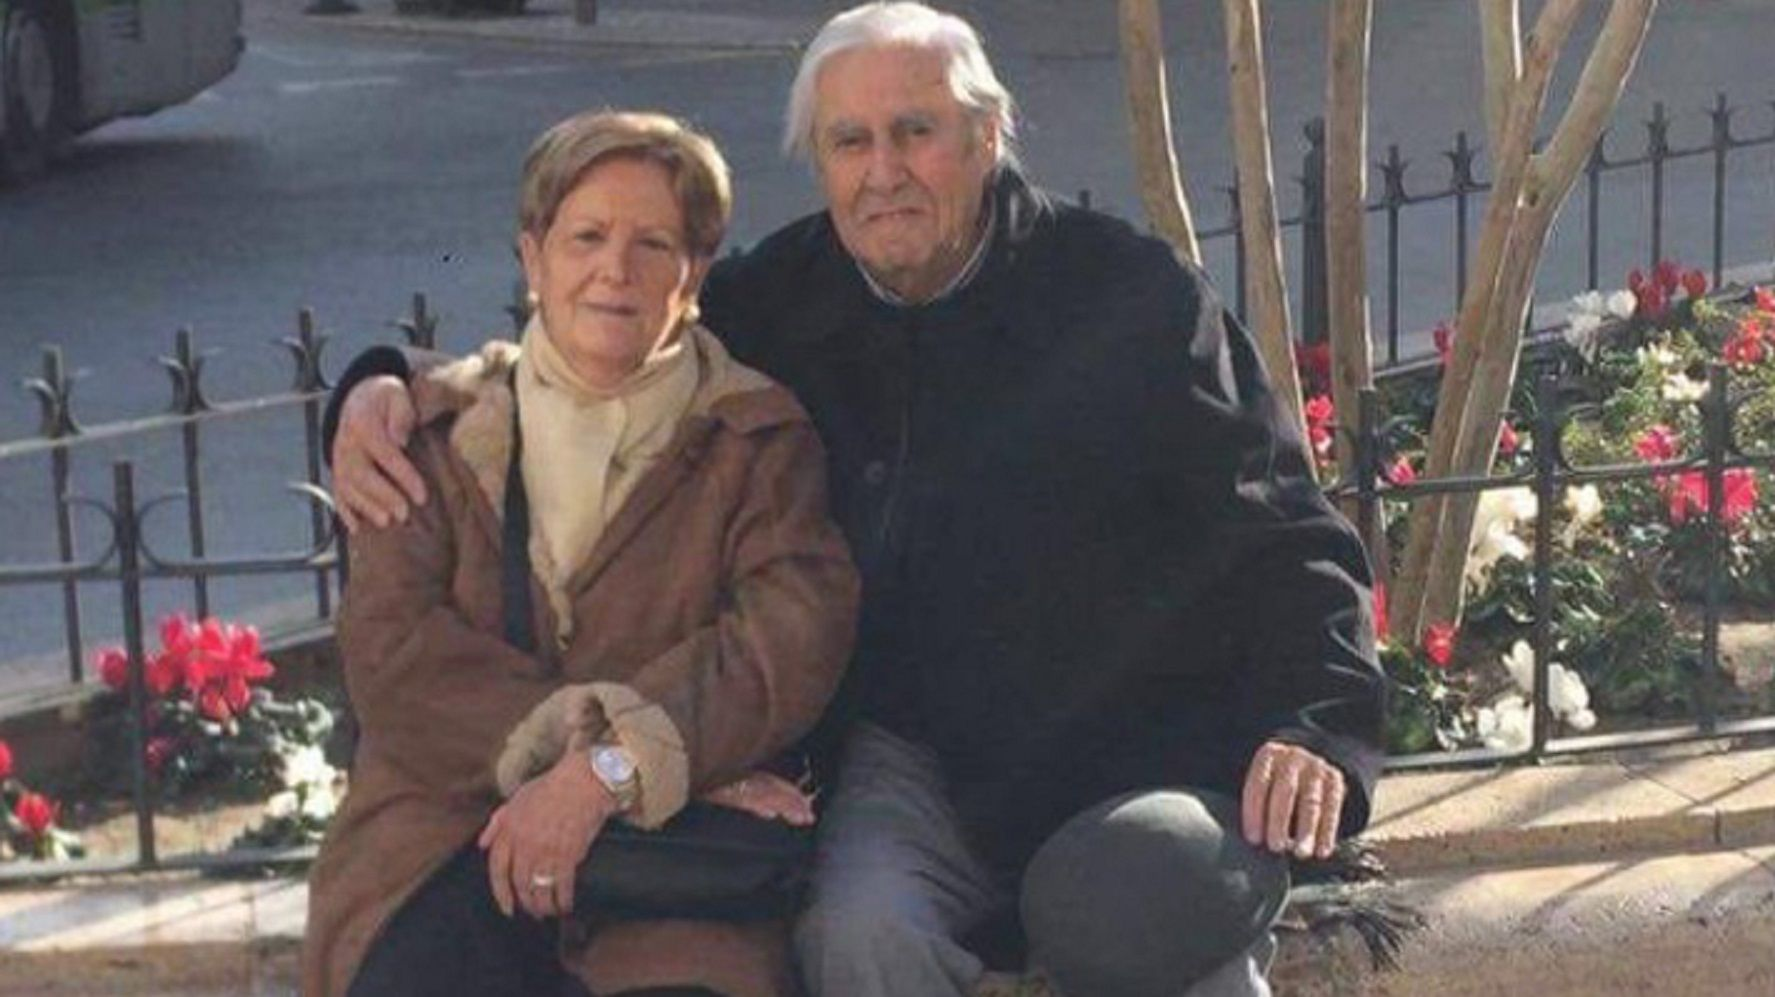 Fueron a comer a Villa La Angostura y terminó en tragedia: él murió y ella lucha por su vida